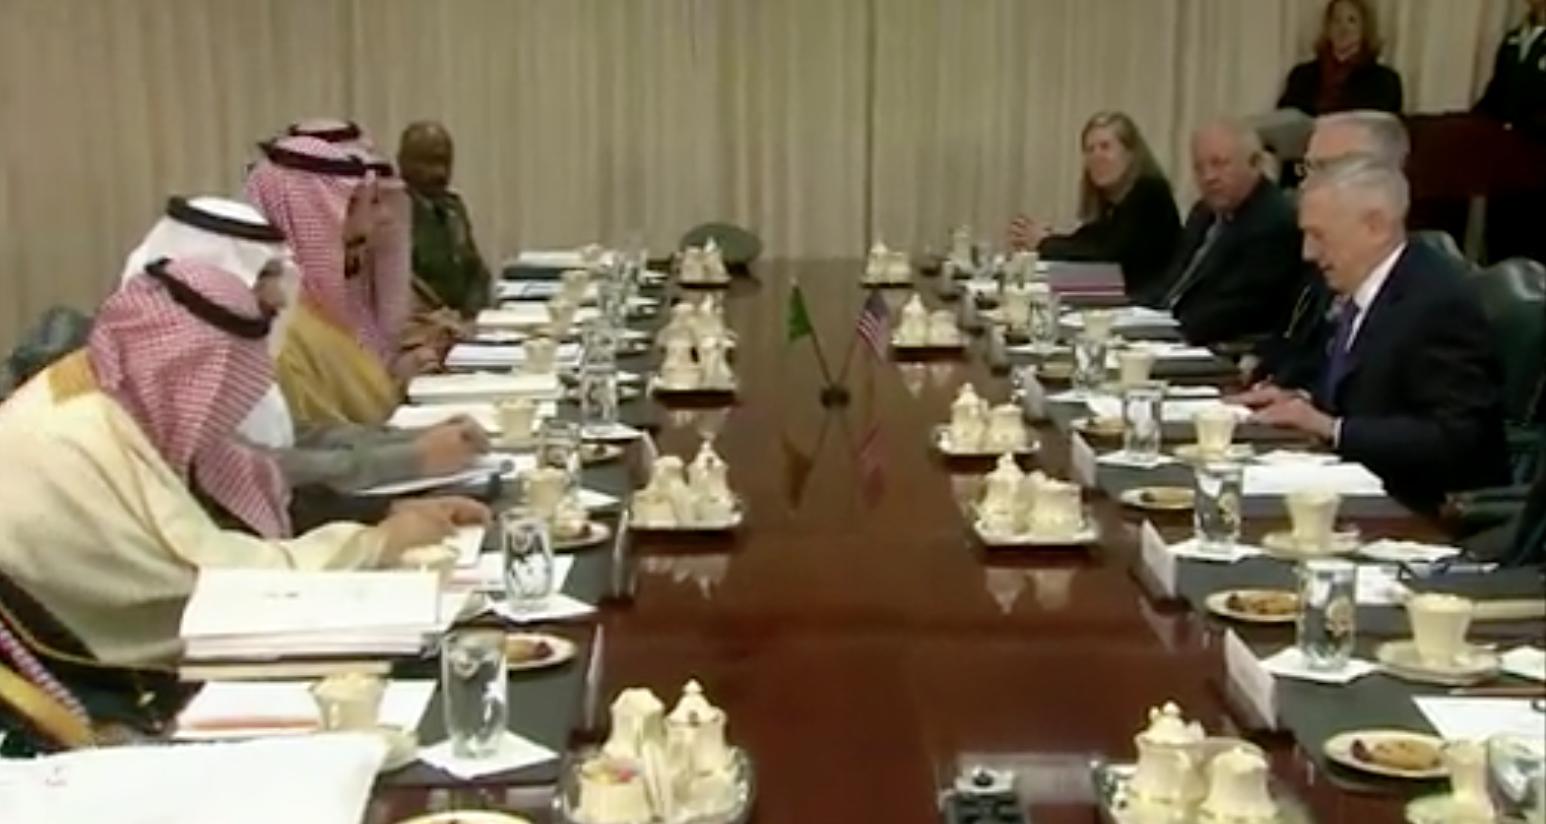 لقاء محمد بن سلمان بوزير الدفاع الامريكي .. السعودية تستعد لمواجهة مفتوحة مع ايران ورهان على الدعم الامريكي